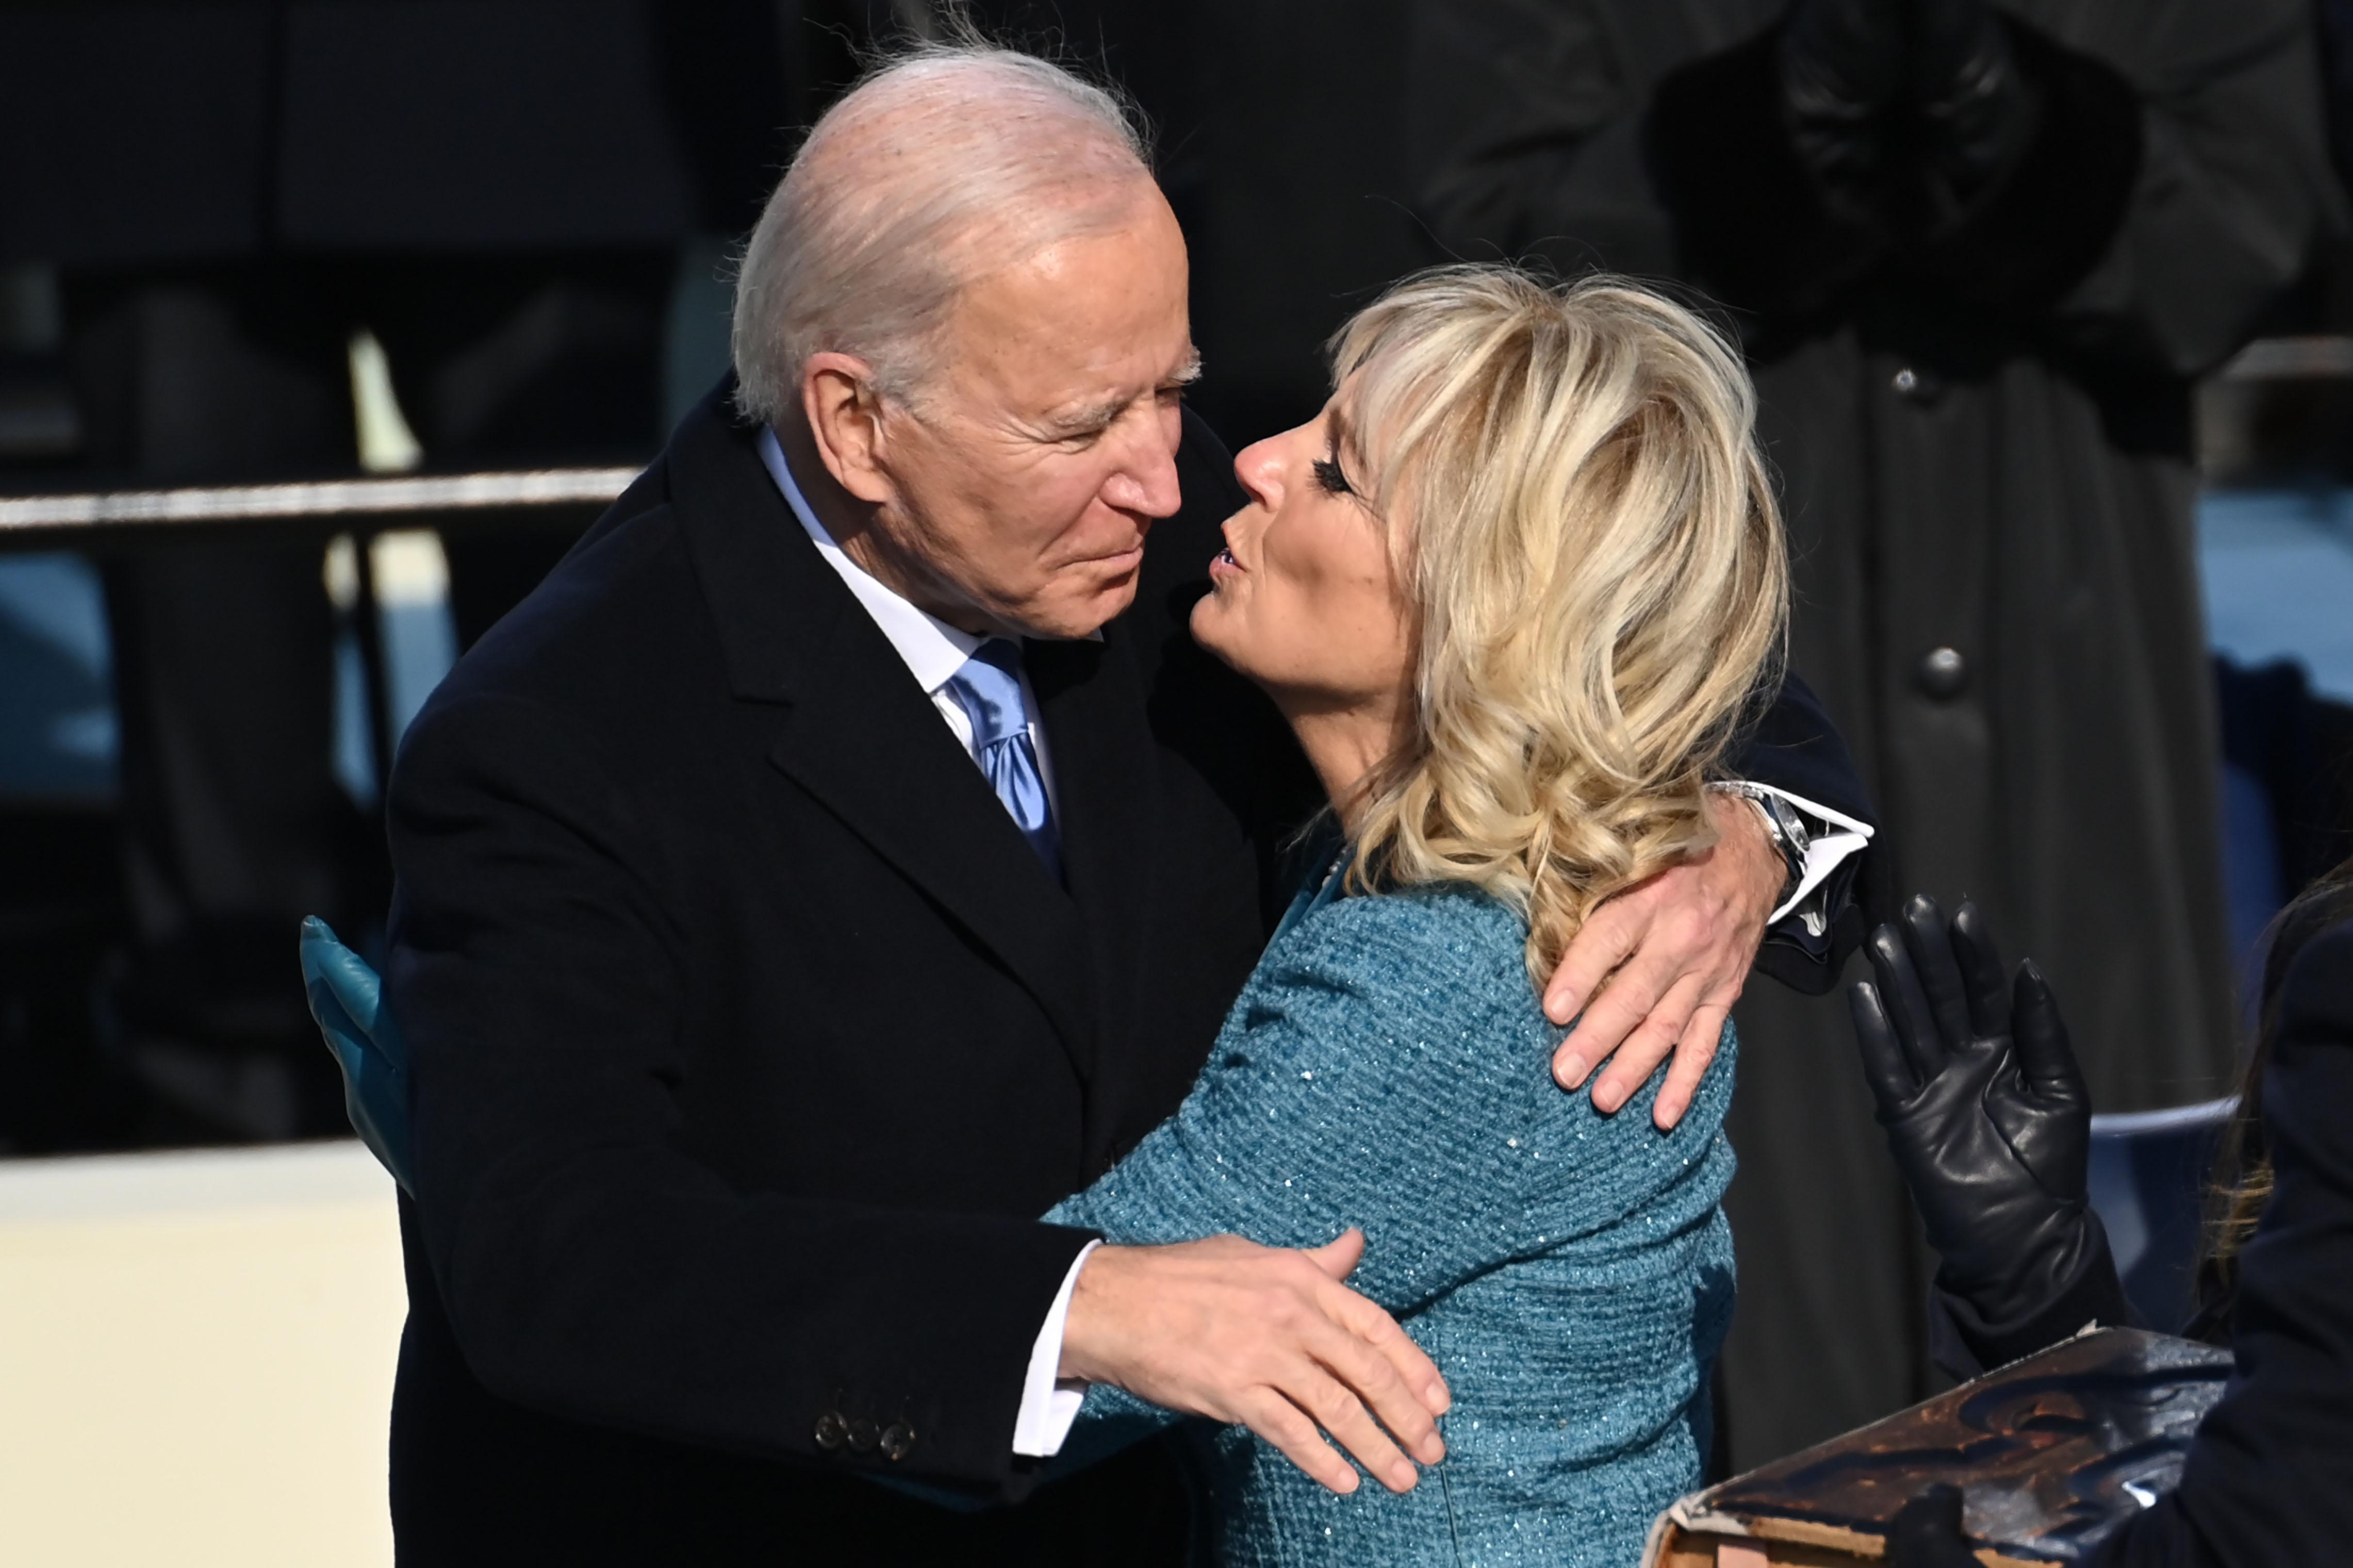 Fotografie rară cu Joe Biden și Jill Biden în tinerețe. Soția sa, o domnișoară superbă cu părul bălai și umerii goi